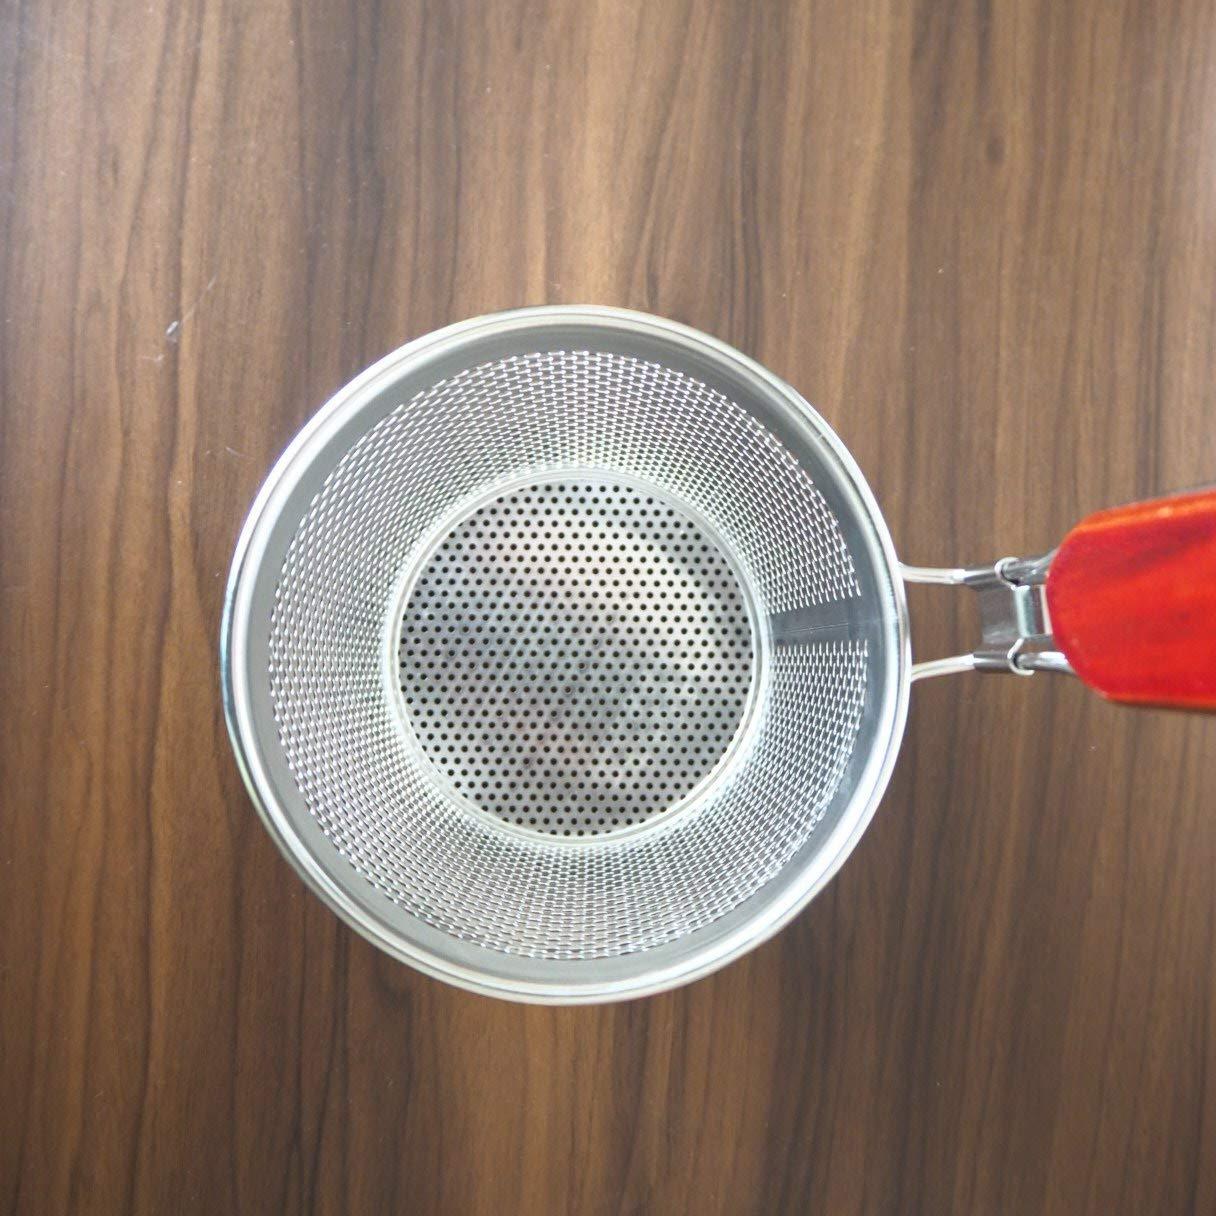 Favson Kitchen mikroperforierter Edelstahl Pasta-Korb Mesh Spinnennetz Lebensmittel-Kn